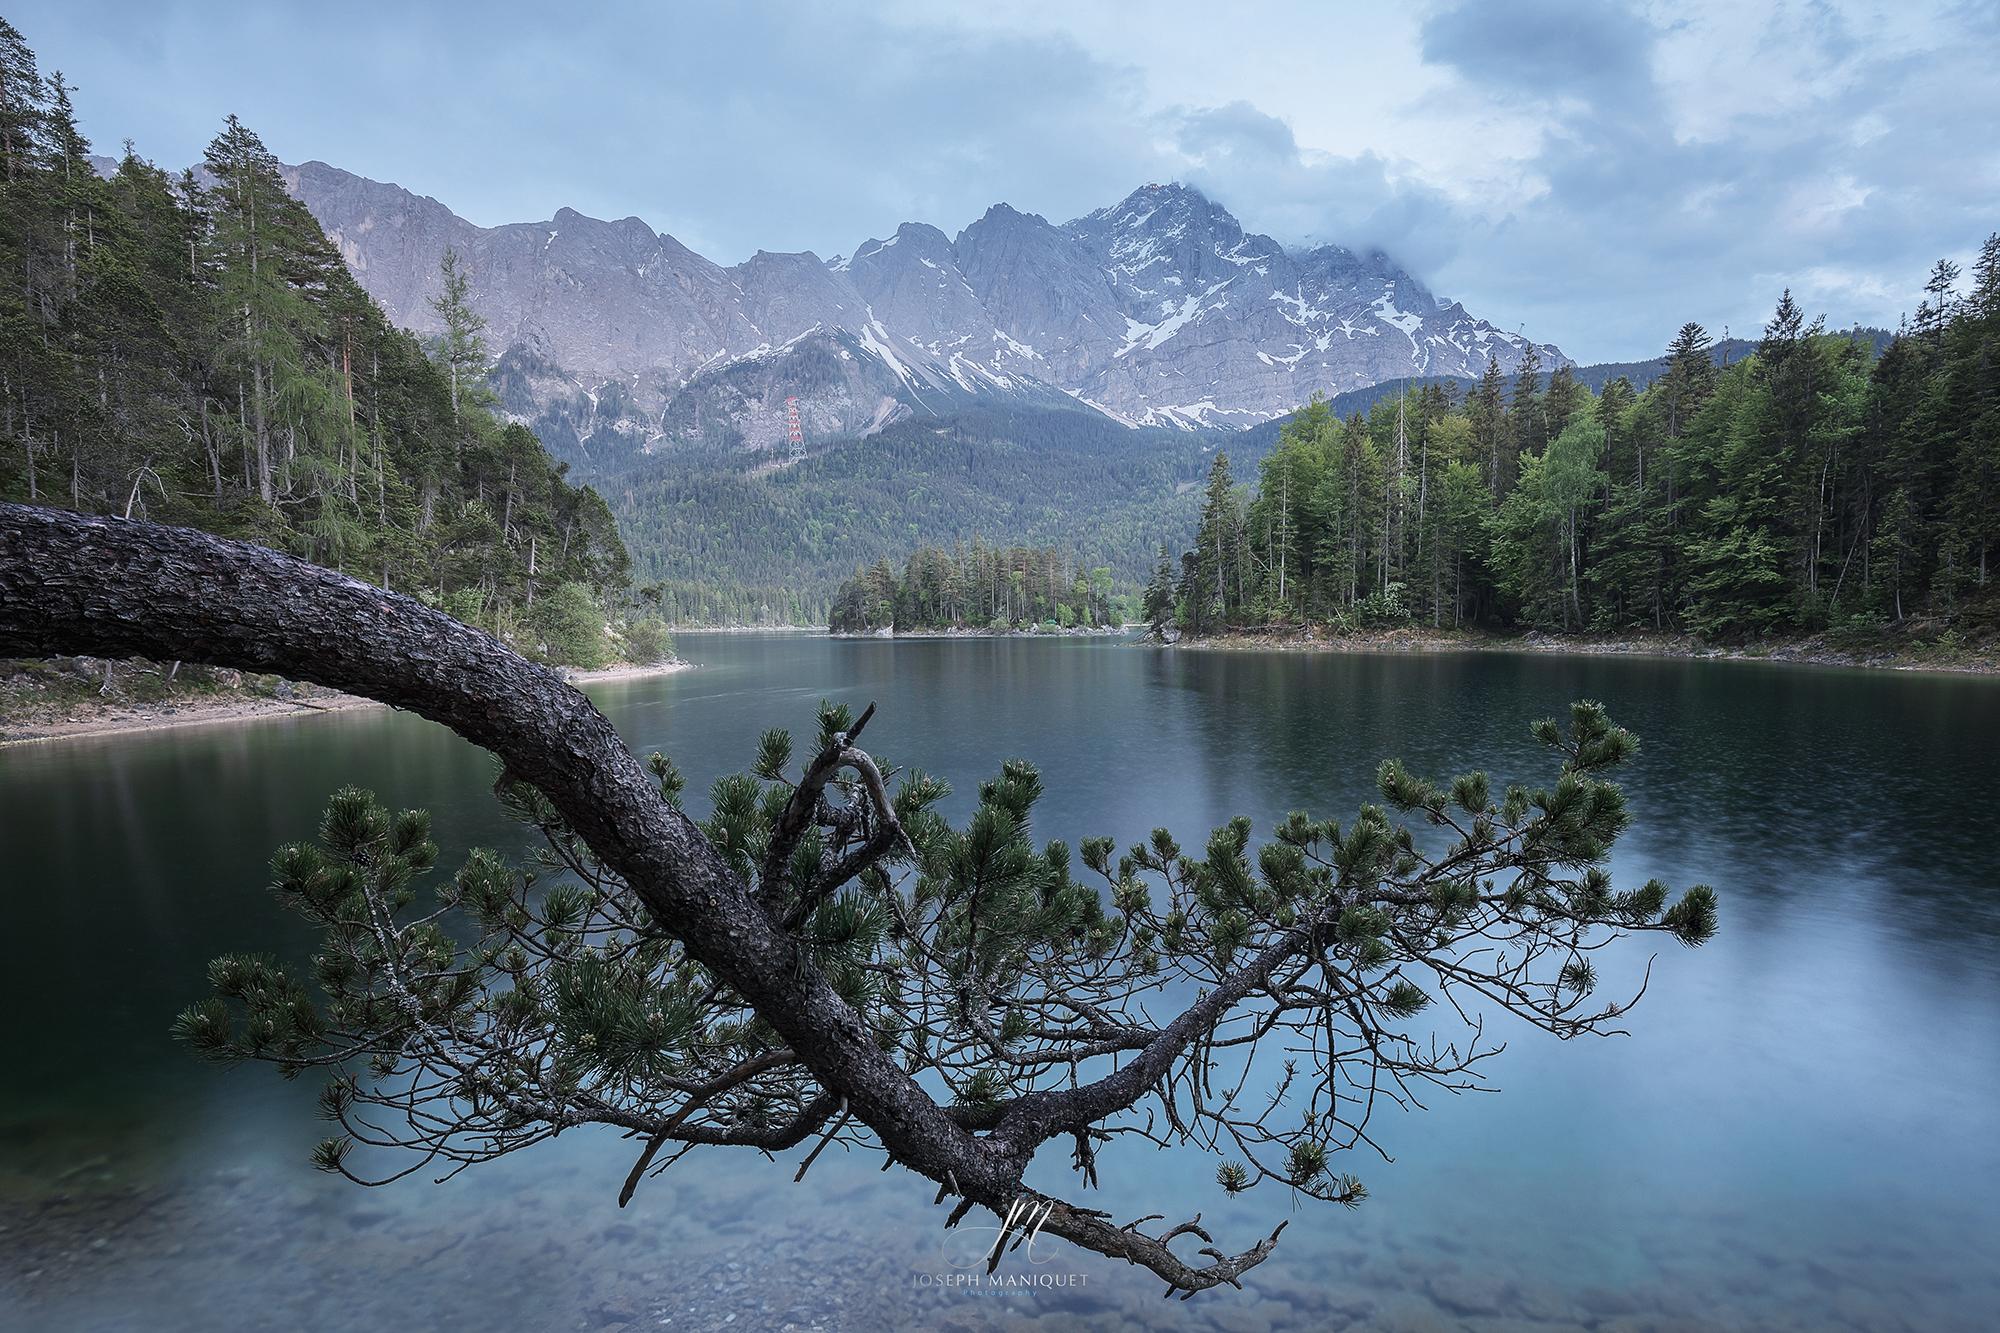 Eibsee mit der Zugspitze, Germany